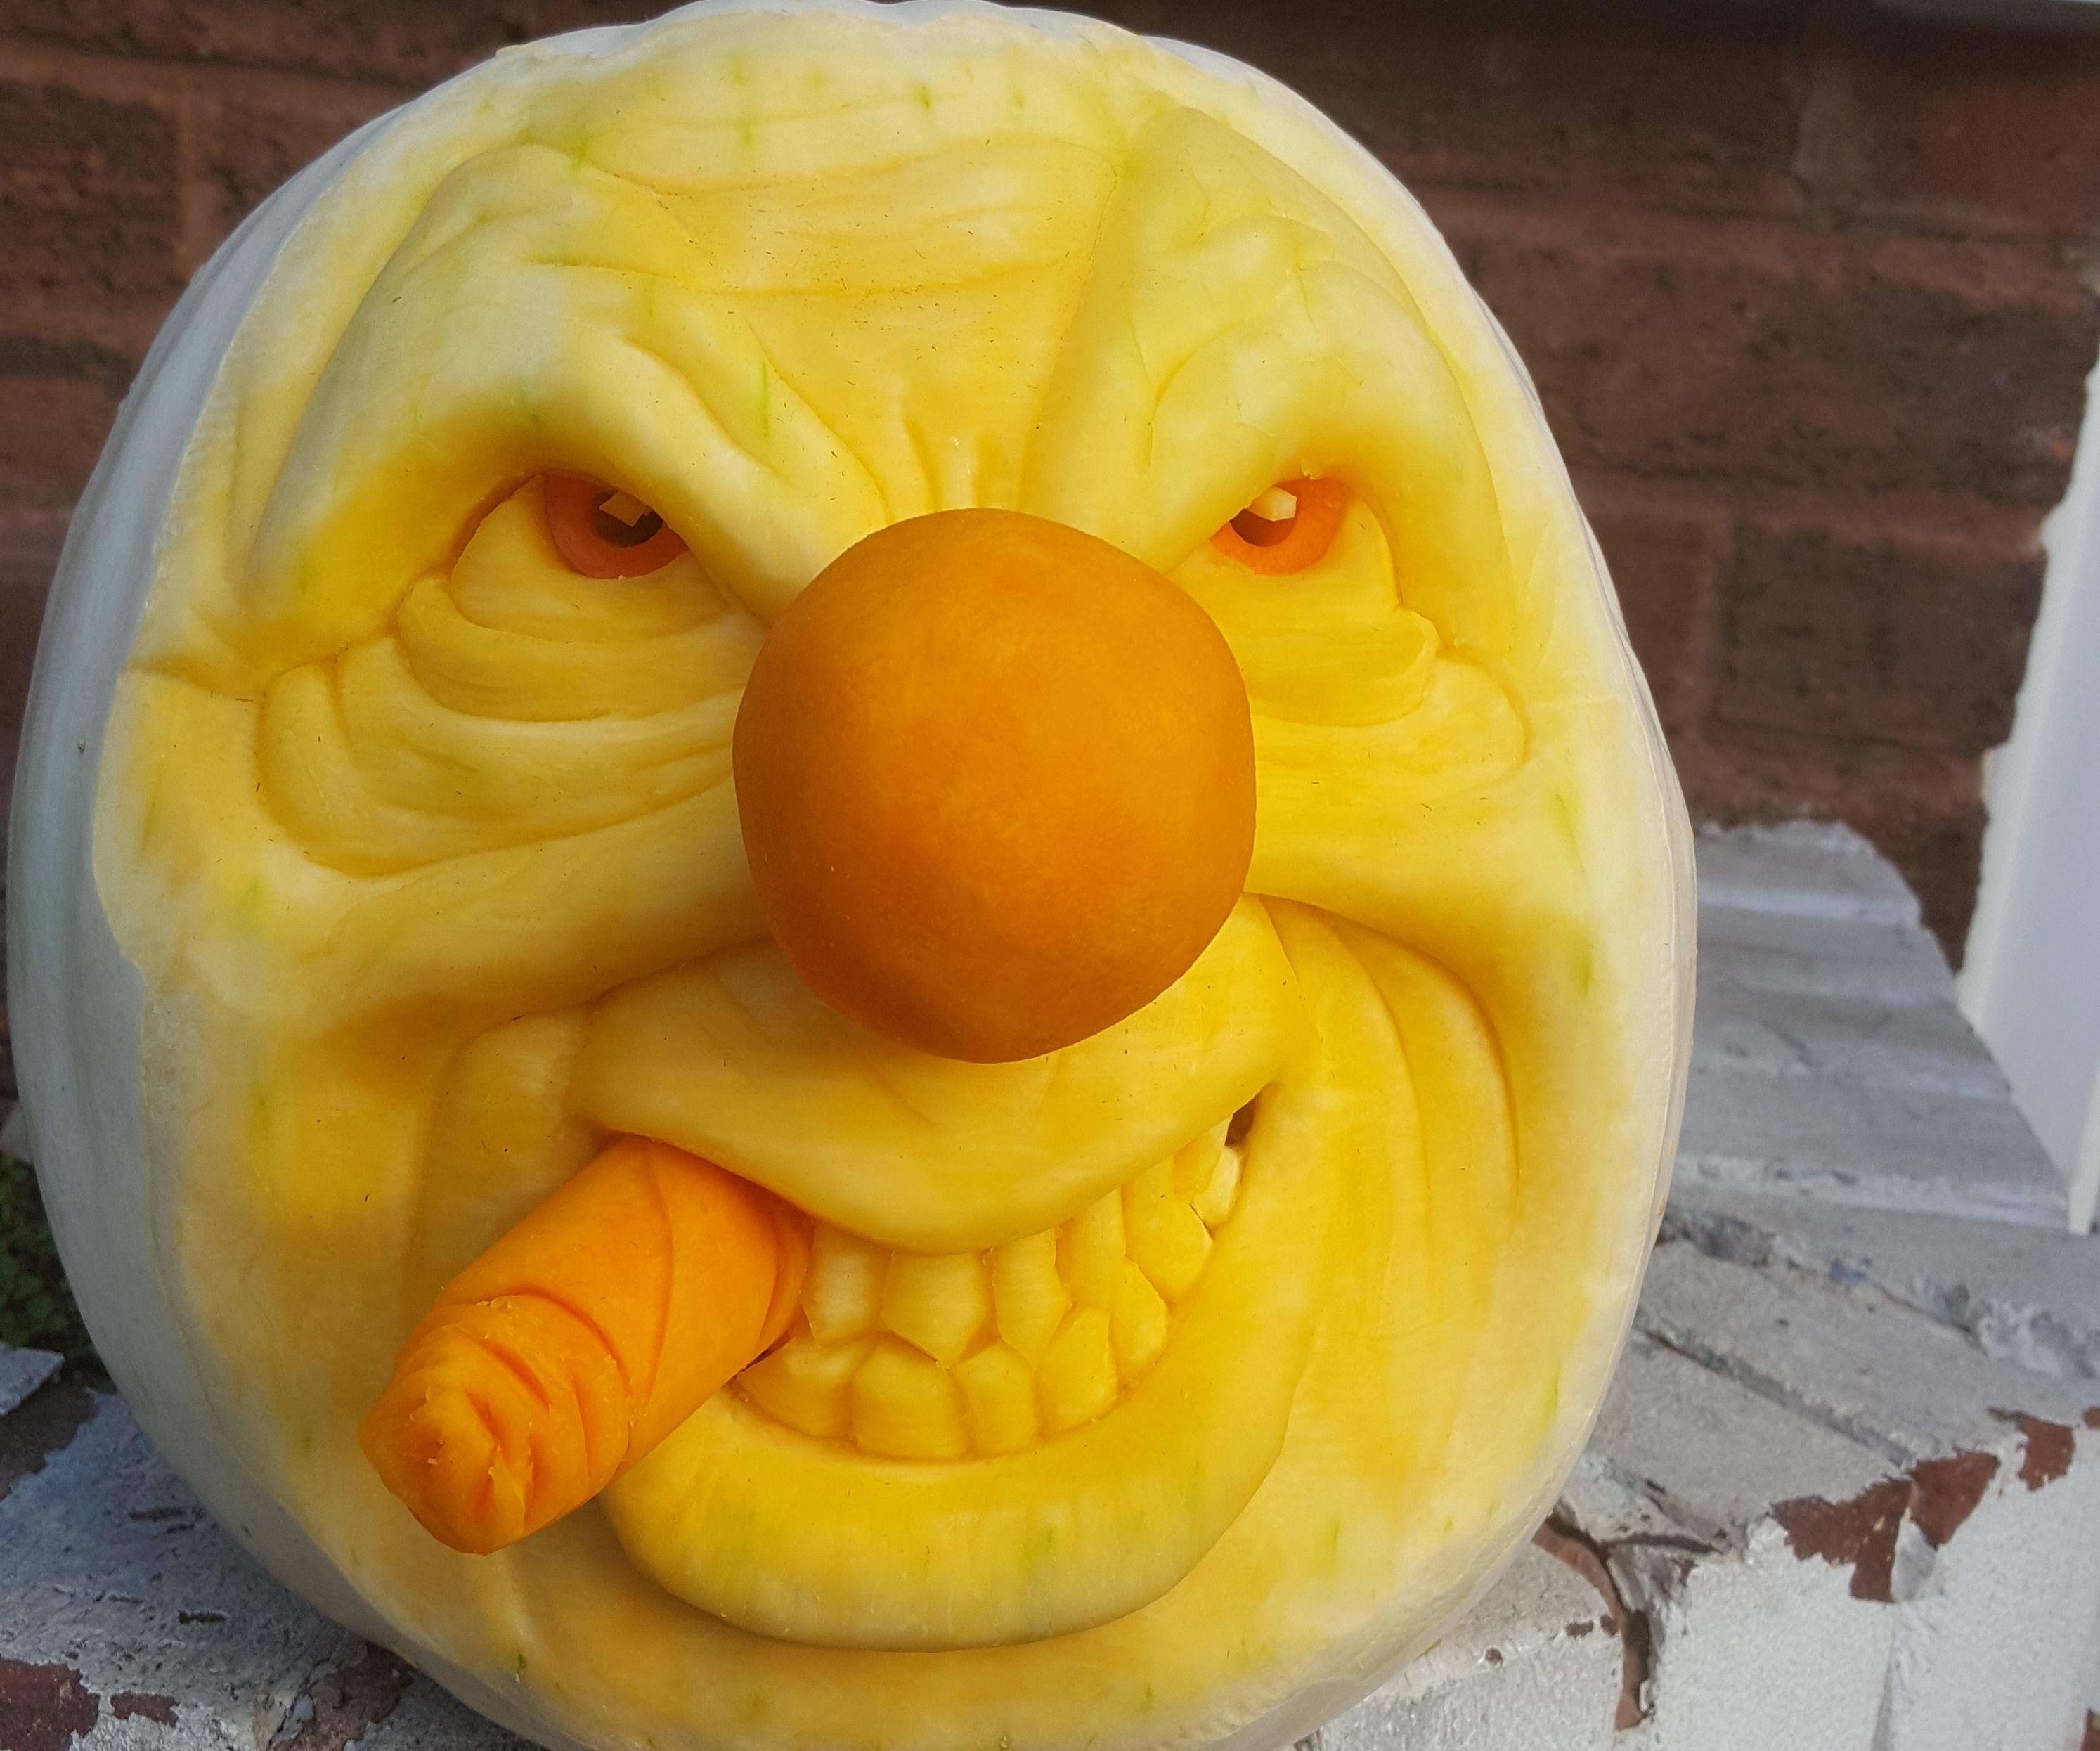 How to carve a clown pumpkin